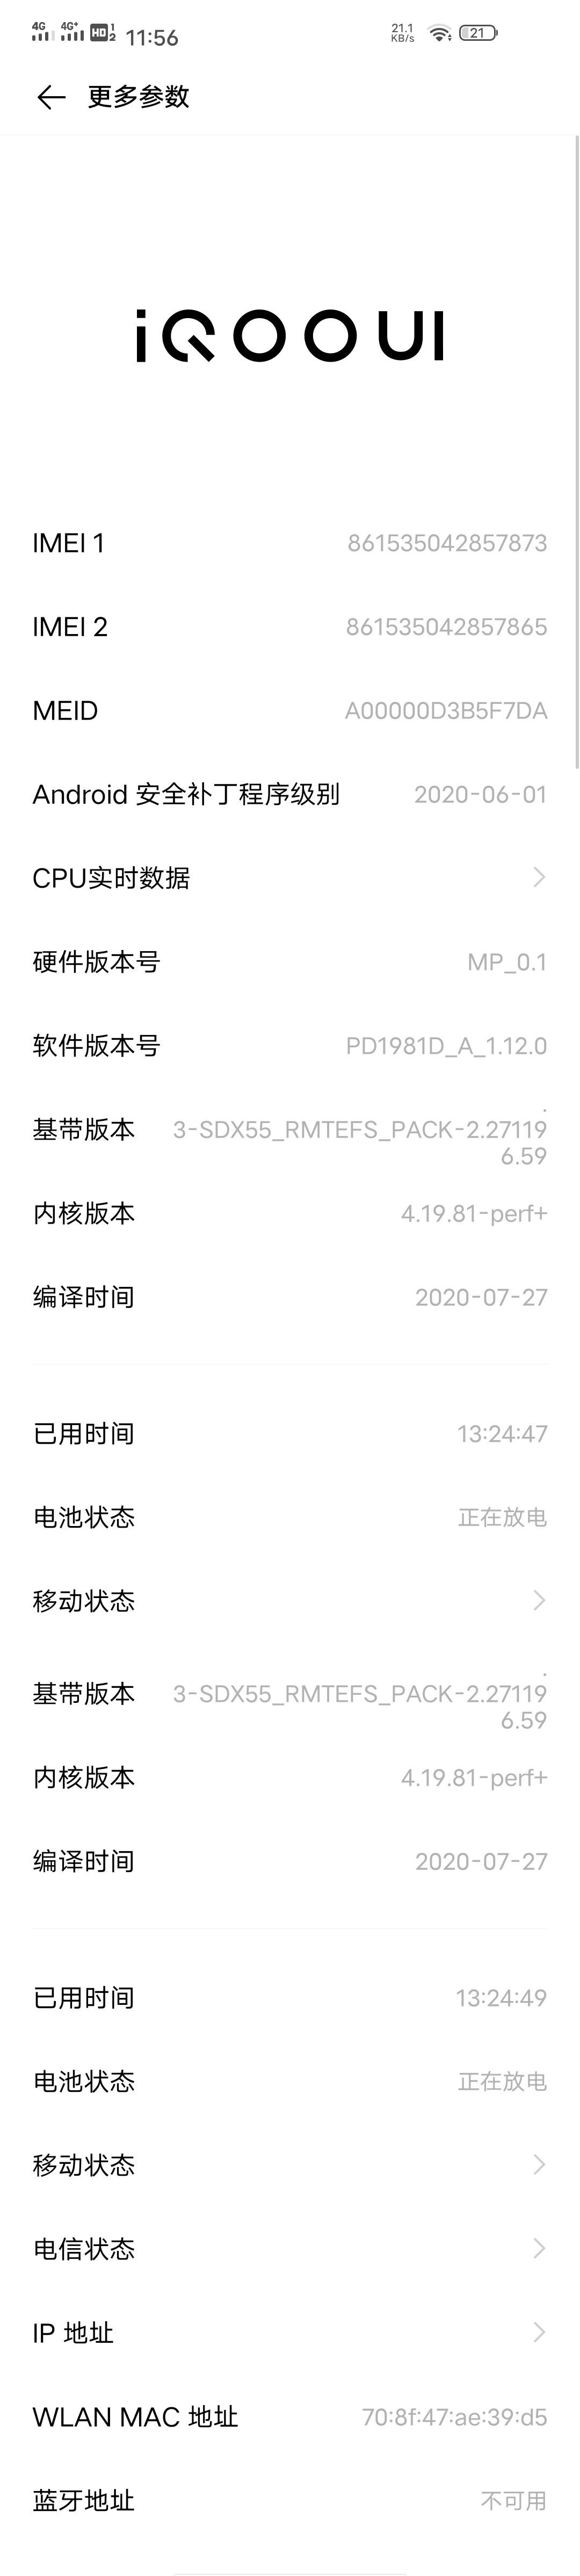 Screenshot_2020_0829_115634.jpg